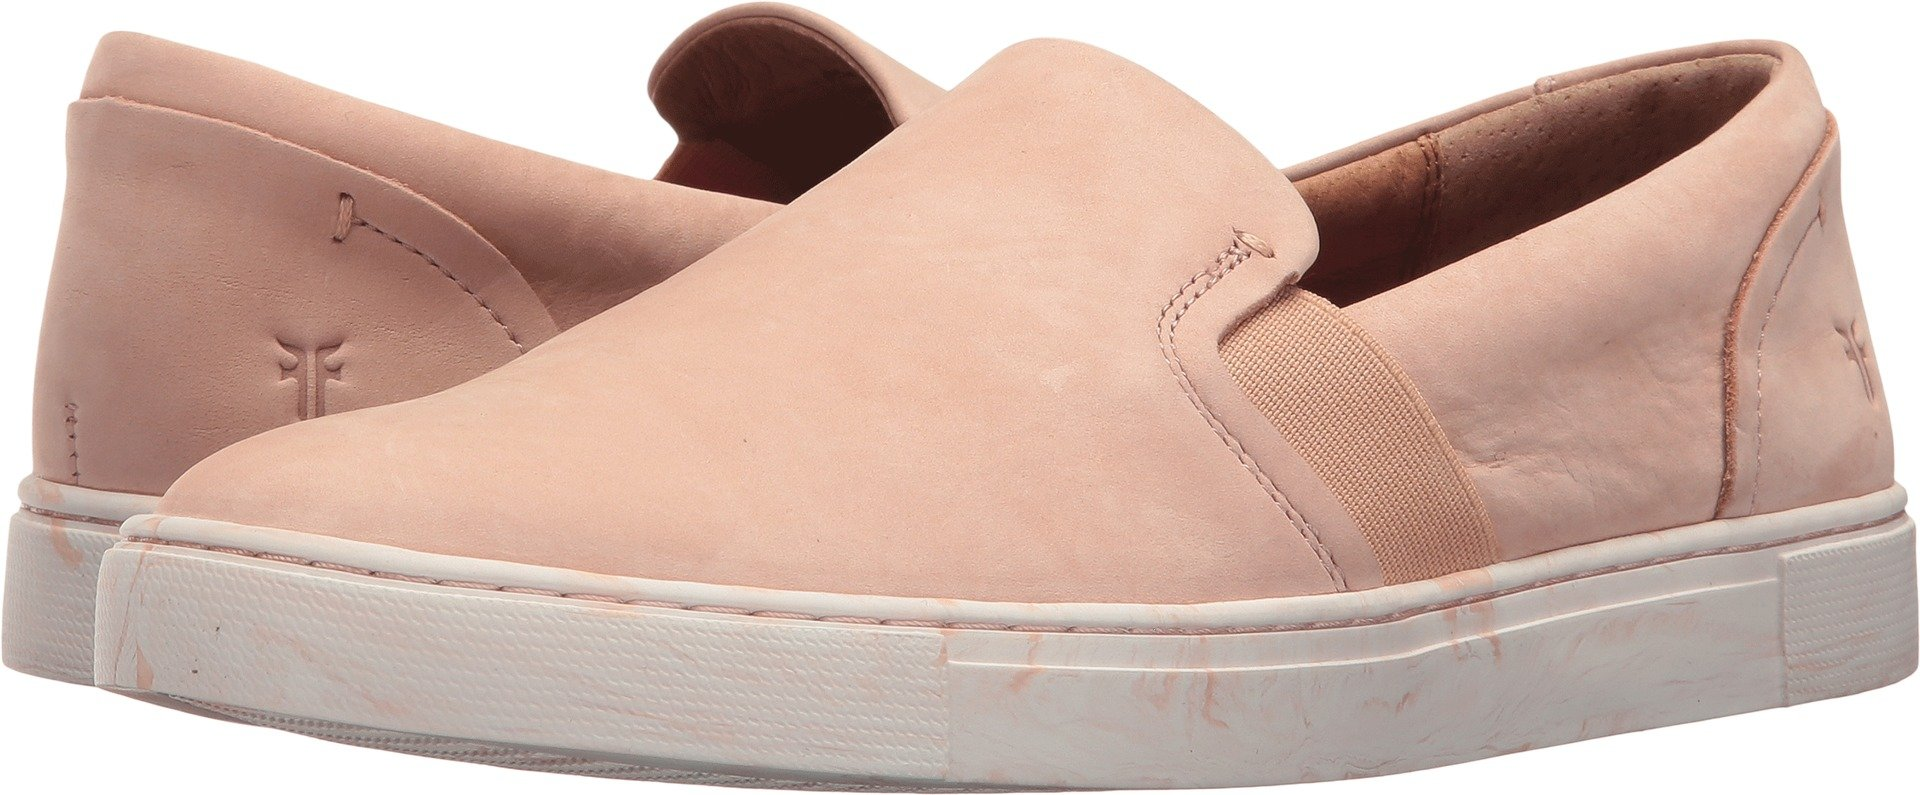 FRYE Women's Ivy Slip Sneaker Blush Marbled Outsole 9 M US